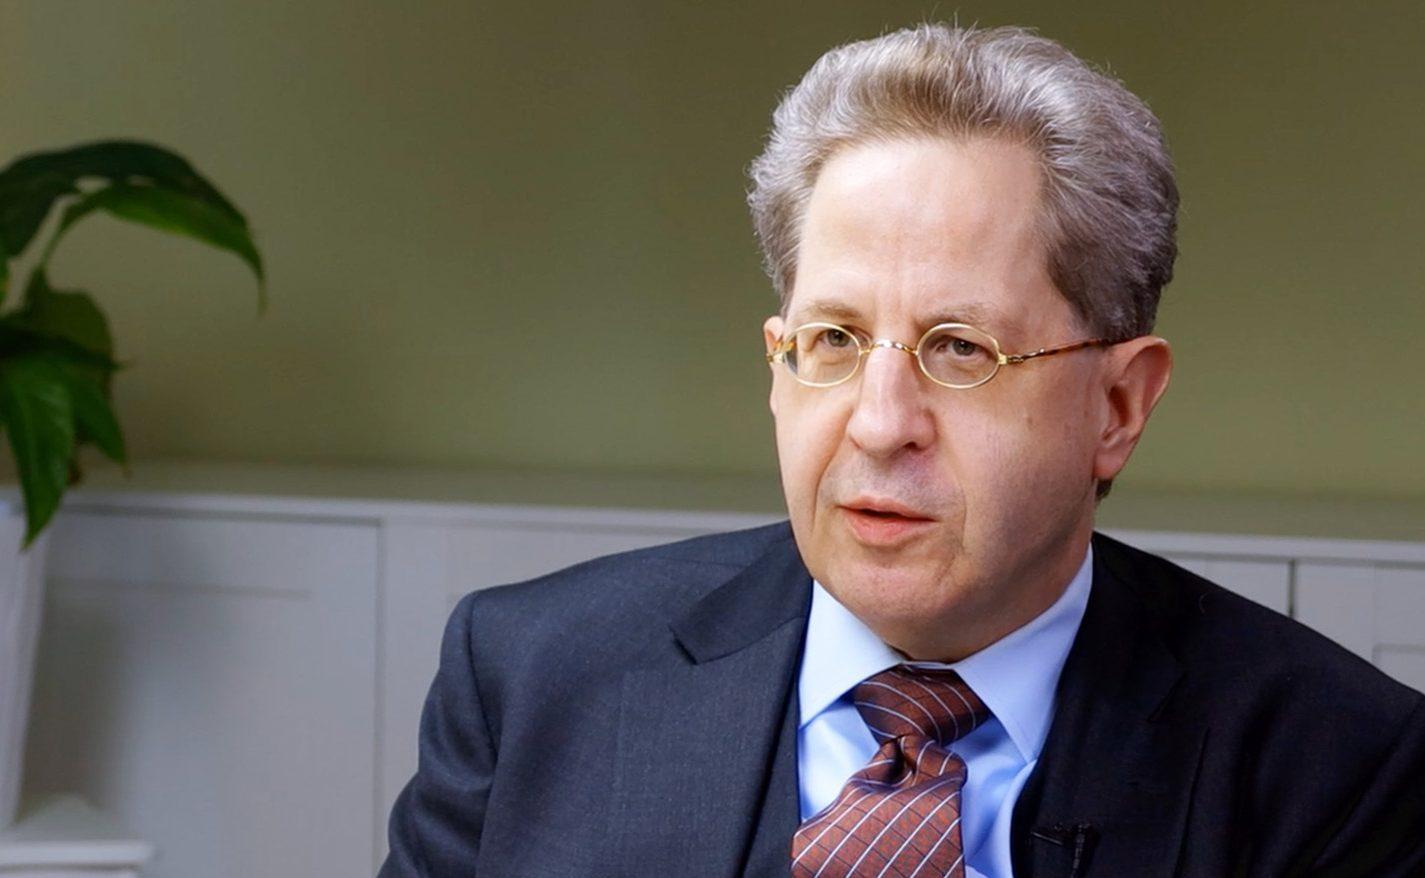 Hans-Georg Maaßen: Krisenlage nicht nur als Corona-Lage begreifen, sondern als Gesamtlage